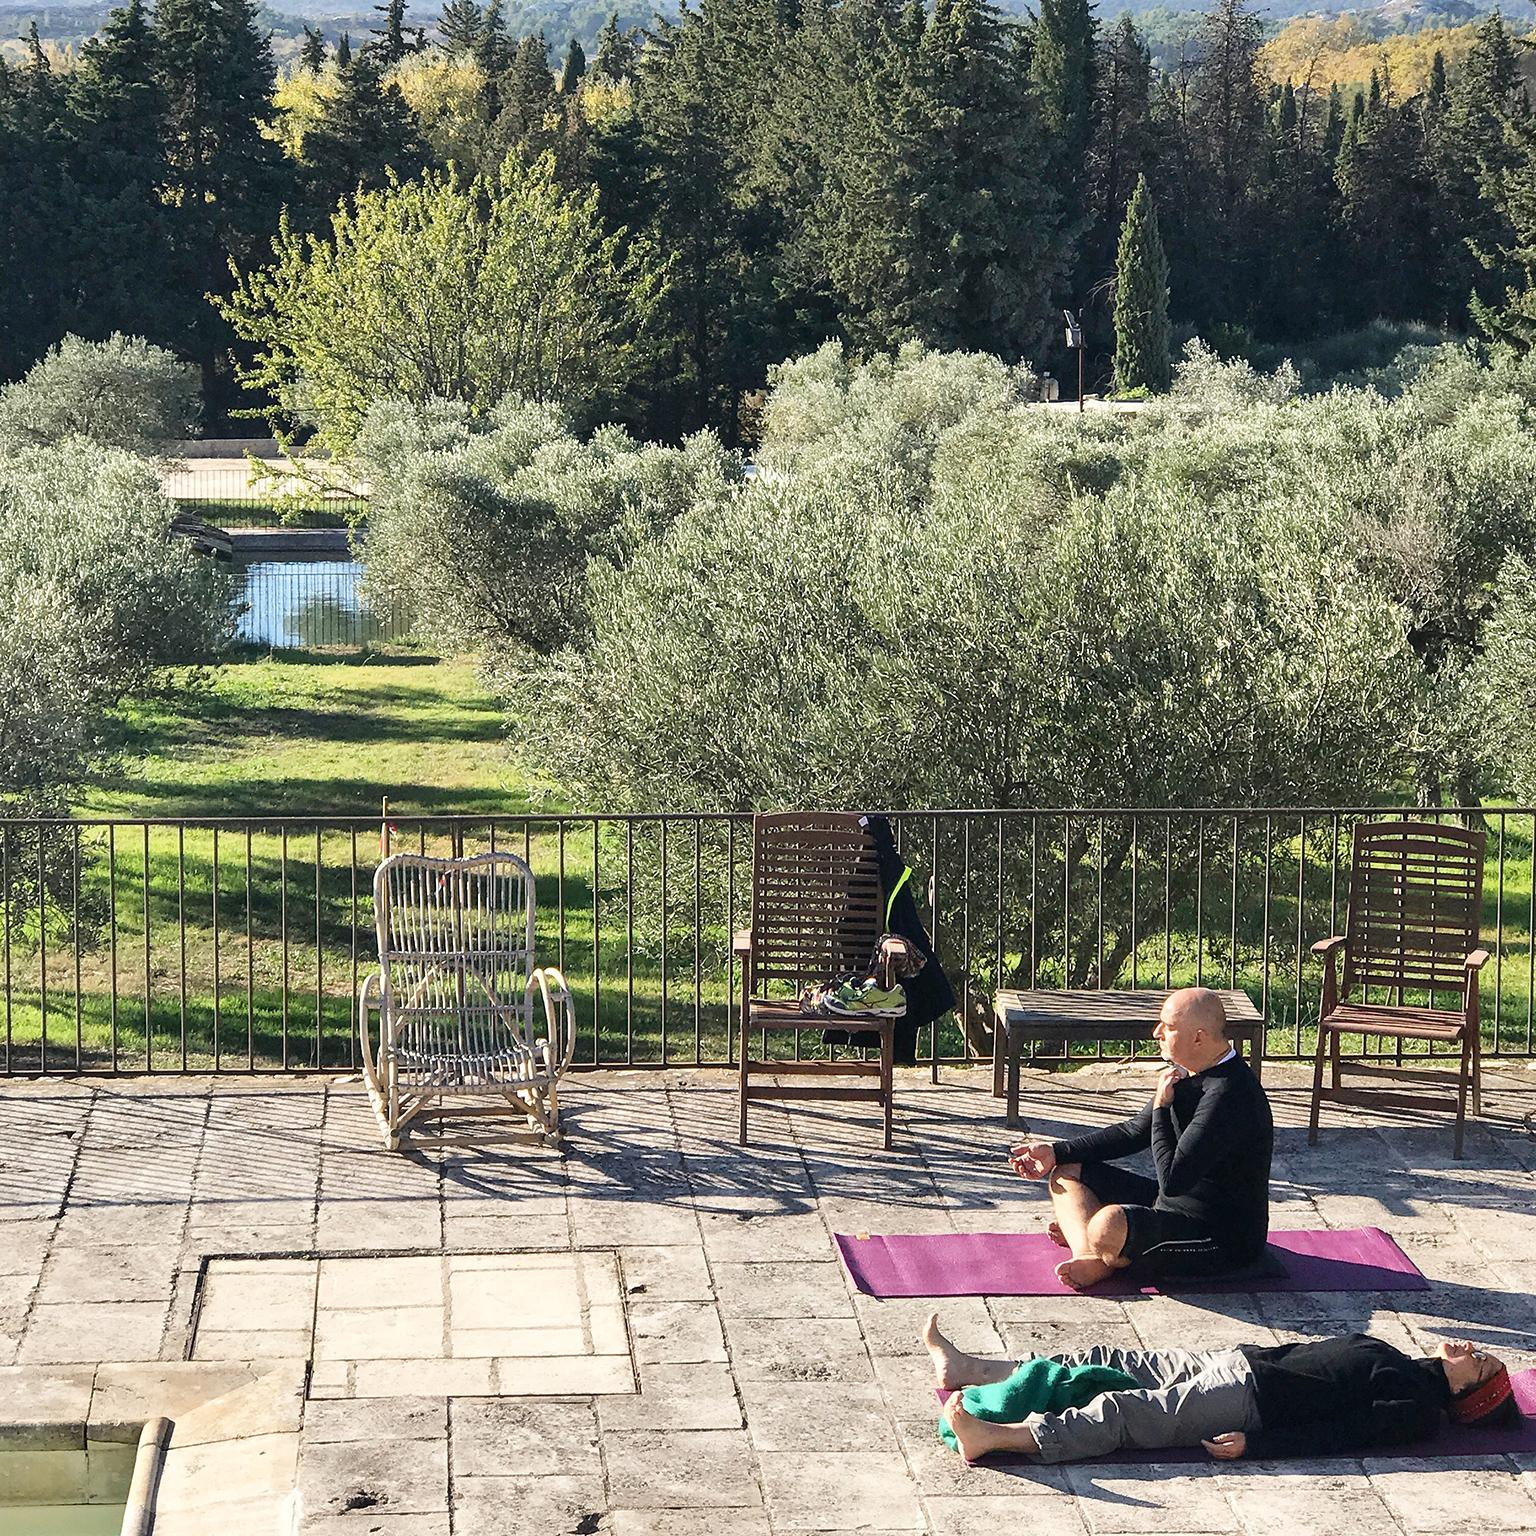 Séance de yoga au grand air avec Sibylle Grandchamp